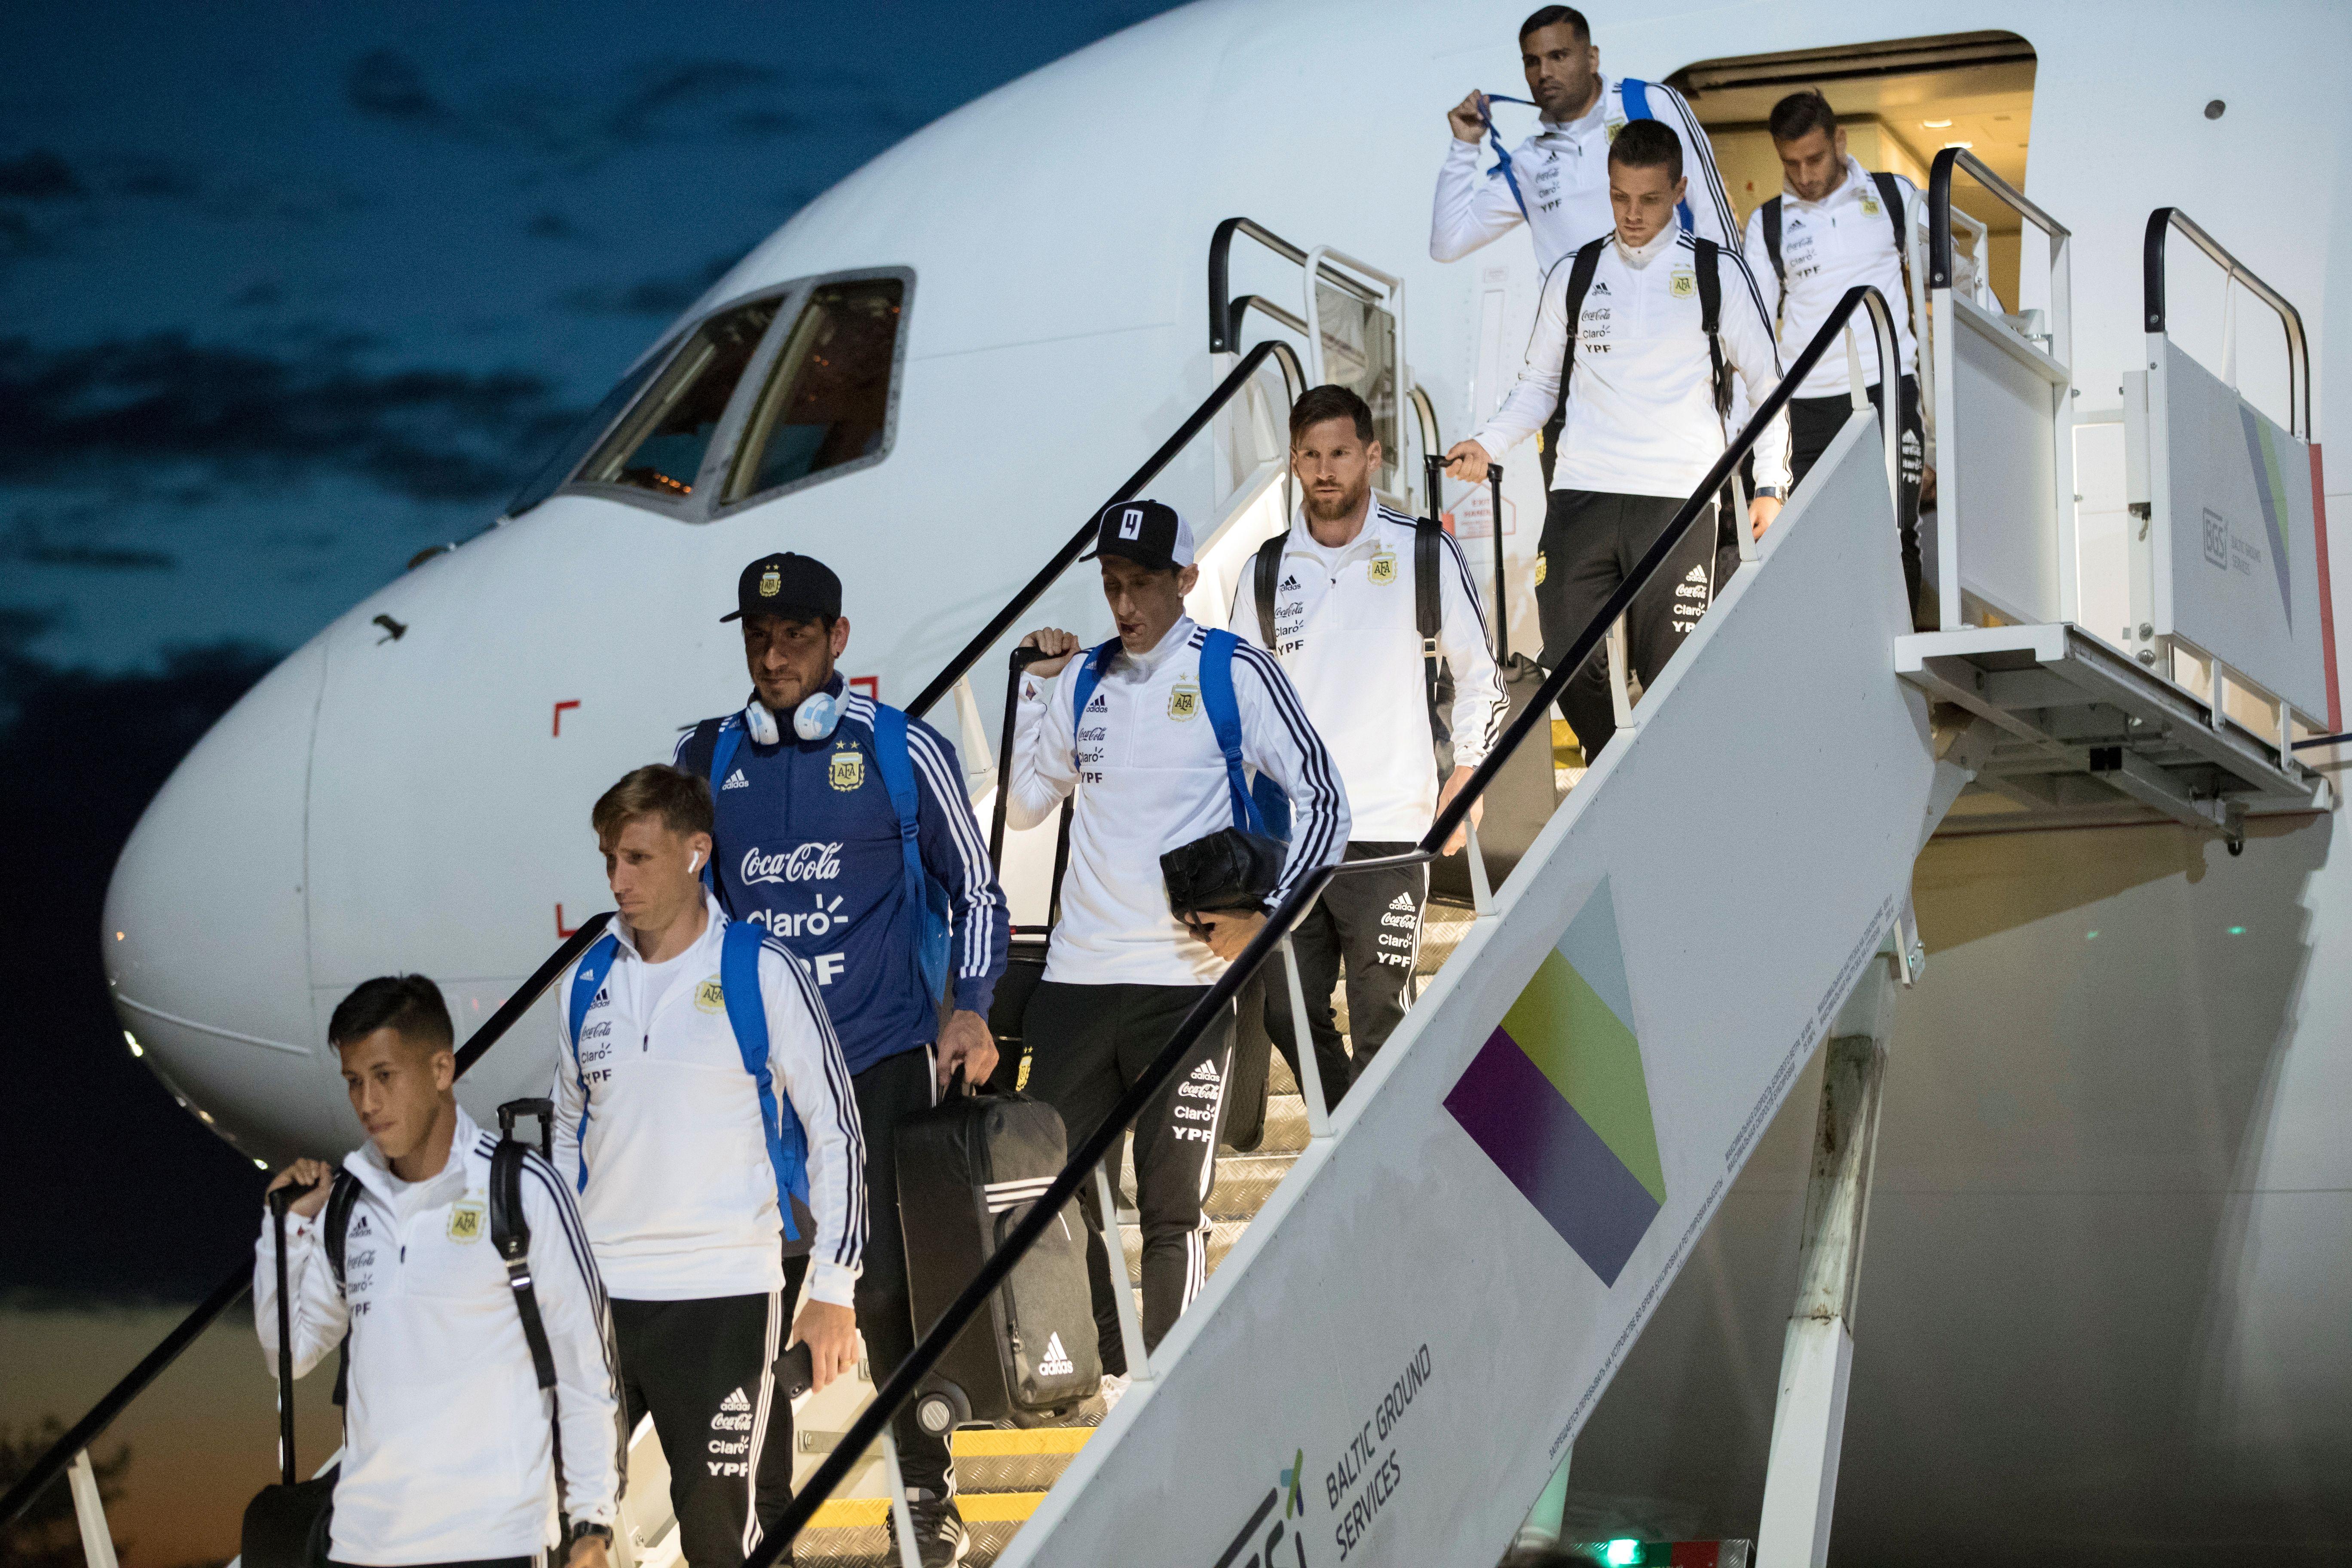 Lucas Biglia e Nahuel Guzmán, da seleção argentina | AP Photo (Pavel Golovki)